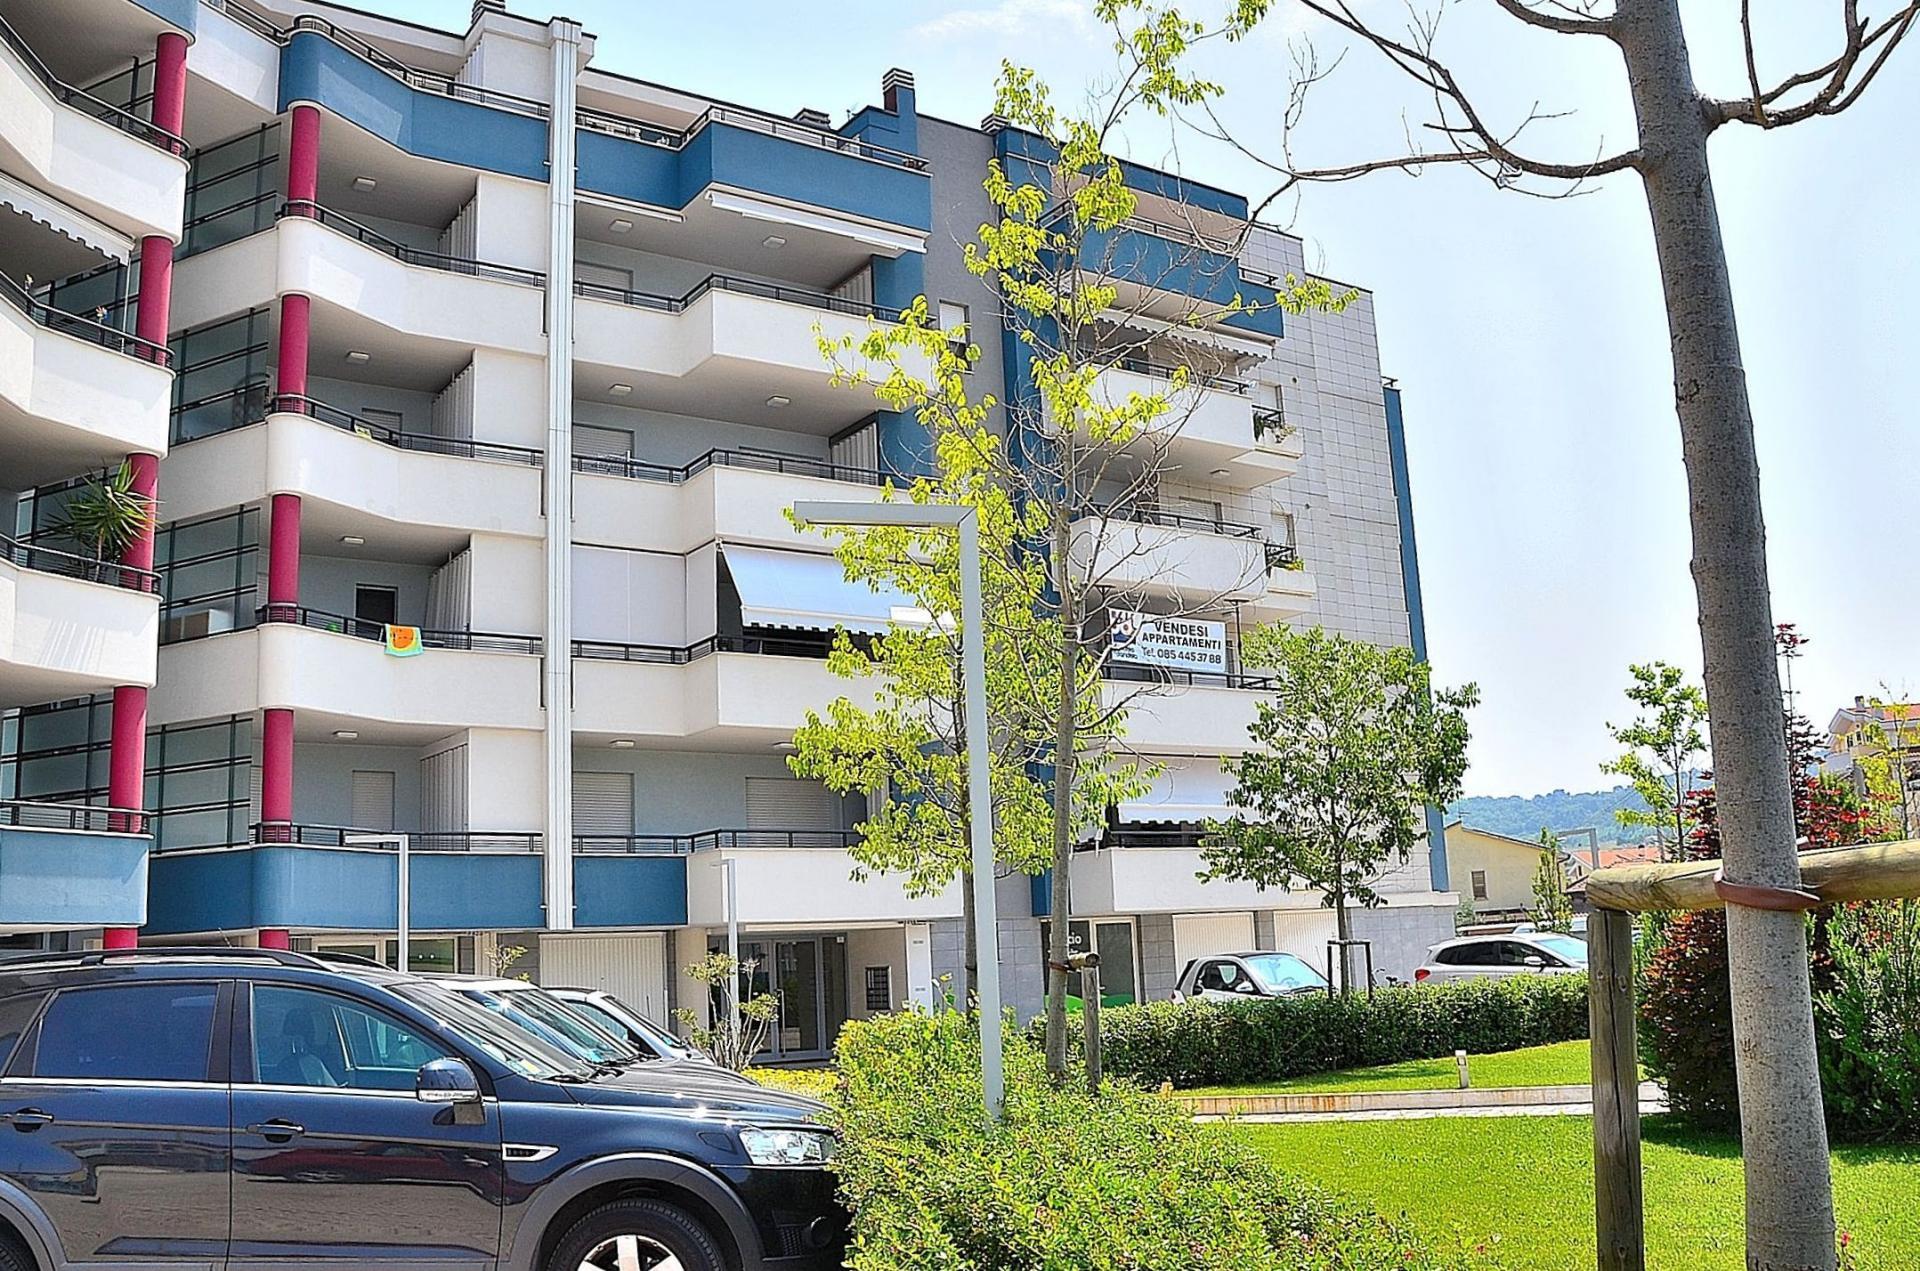 Attico / Mansarda in vendita a Montesilvano, 3 locali, prezzo € 152.000 | Cambio Casa.it